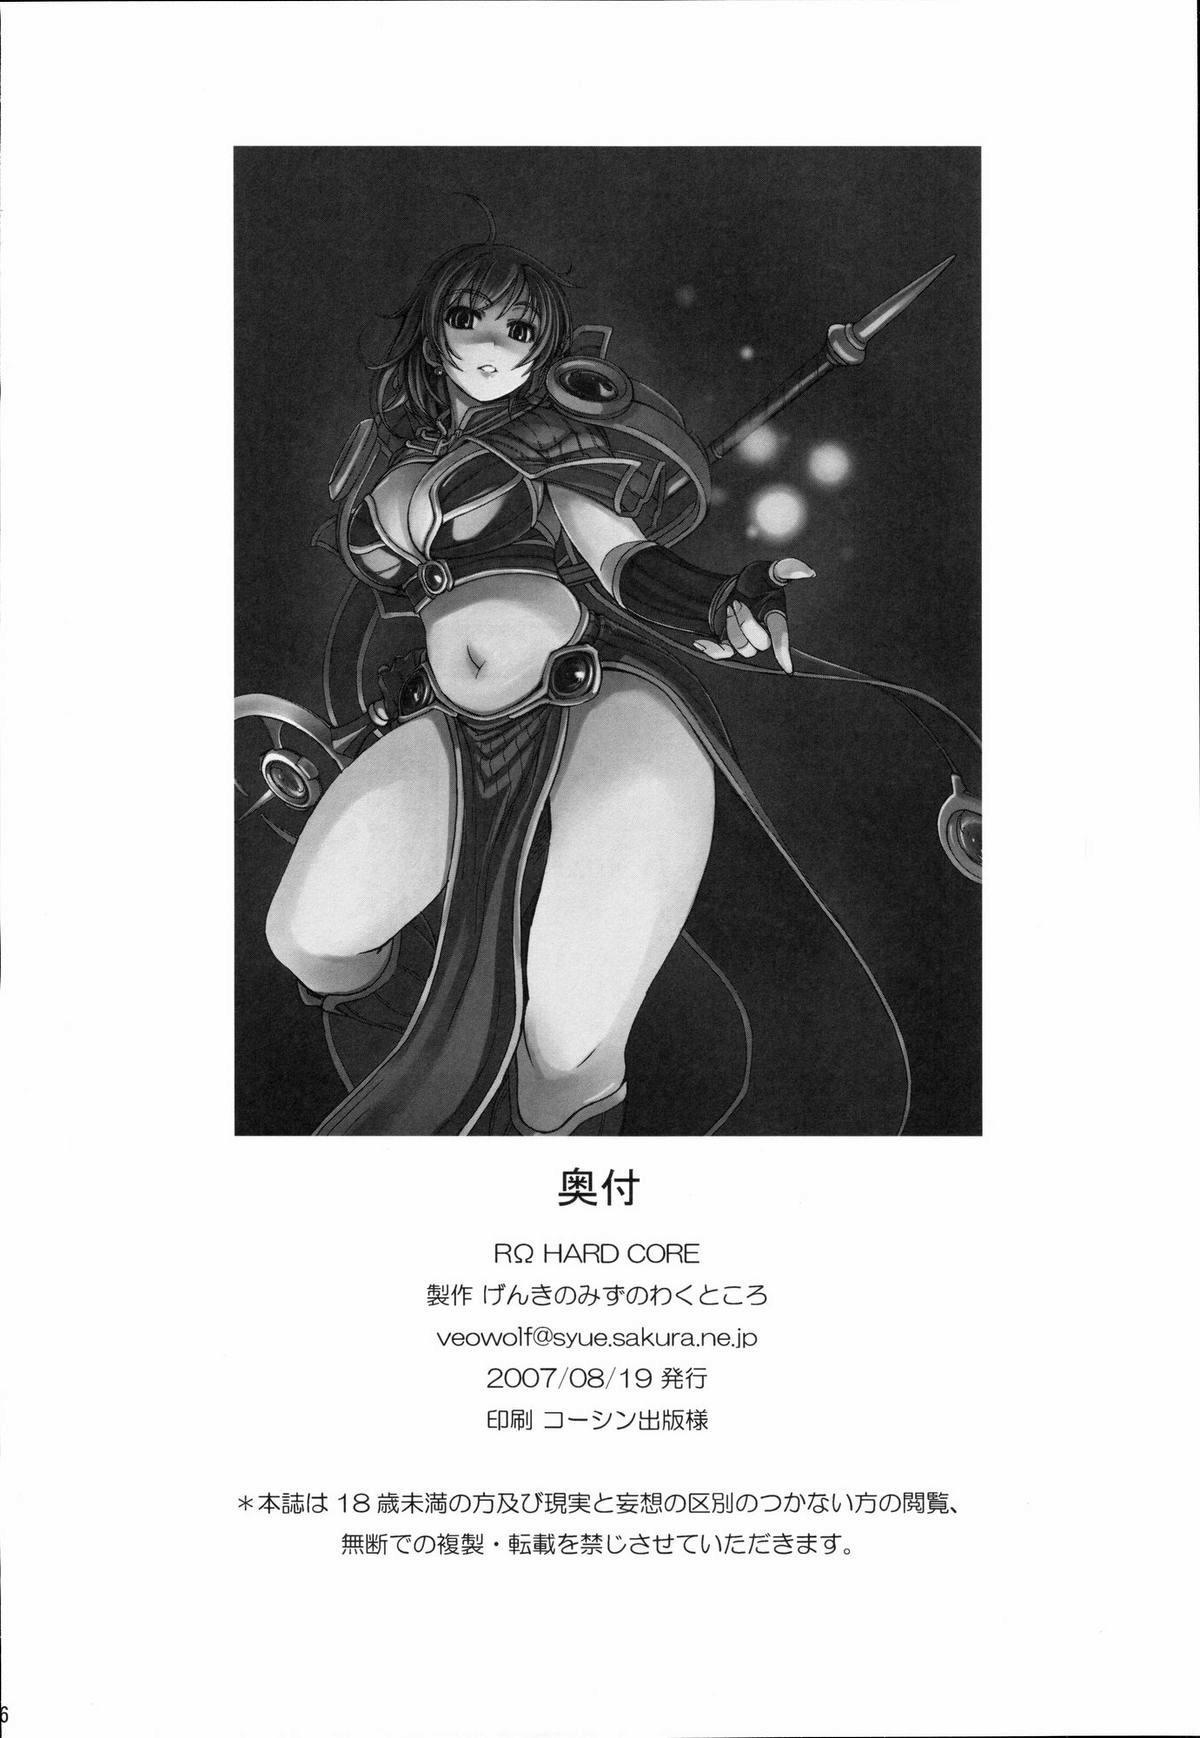 (C72) [Genki no mizu no wakutokoro (Various)] RO Hard Core (Ragnarok Online)[Chinese]【超⑨汉化】 24